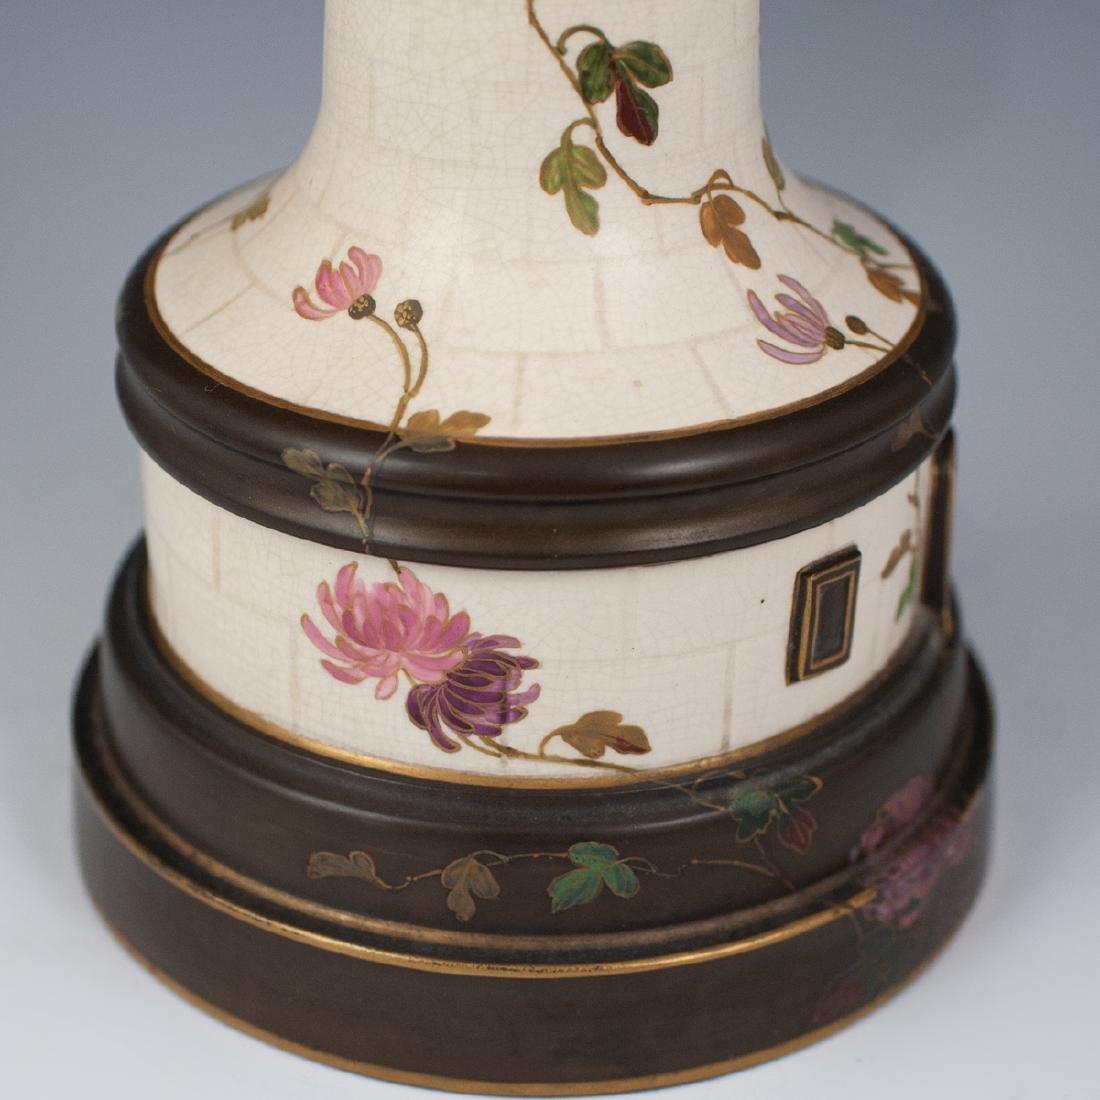 Antique Porcelain Lighthouse Clock/Barometer - 2